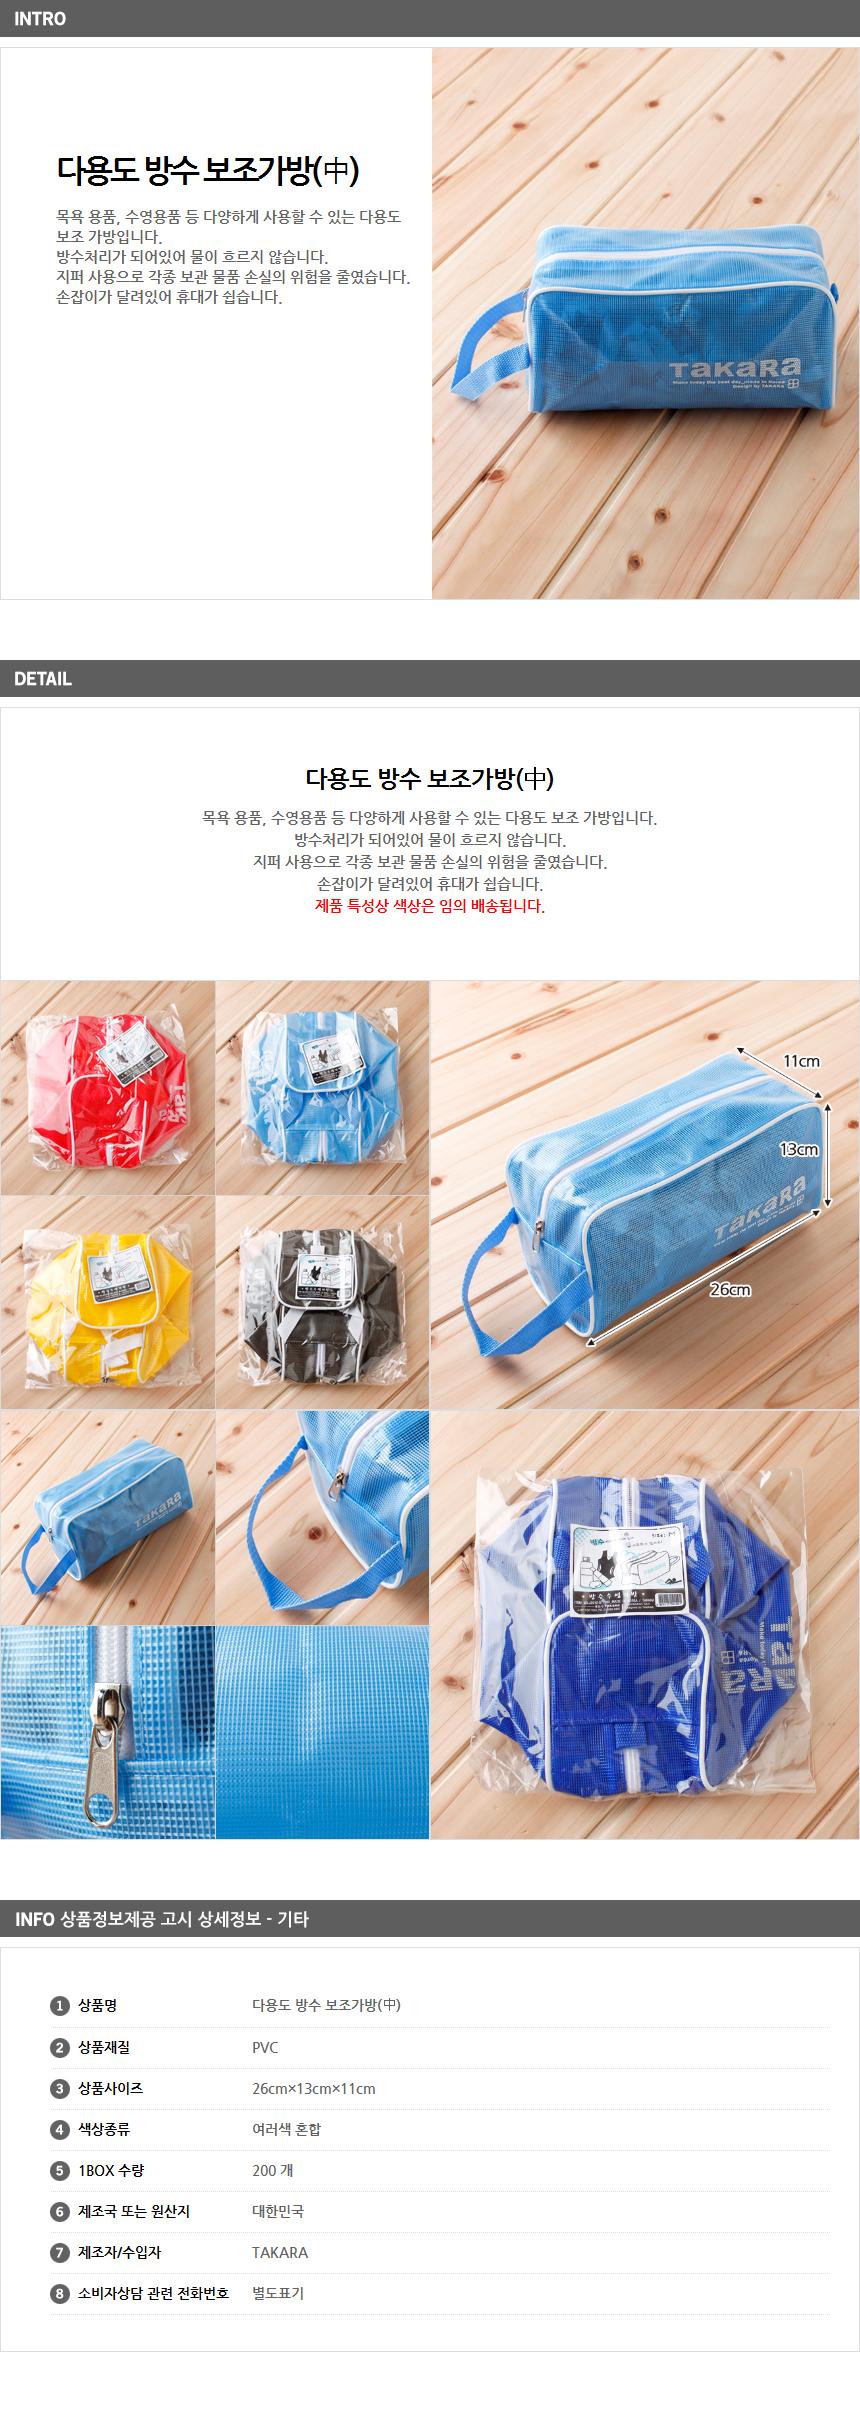 미니크로스백,보조가방,힙색,휴대폰가방,미니가방,폰가방,보조가방,크로스백,숄더백,미니숄더백